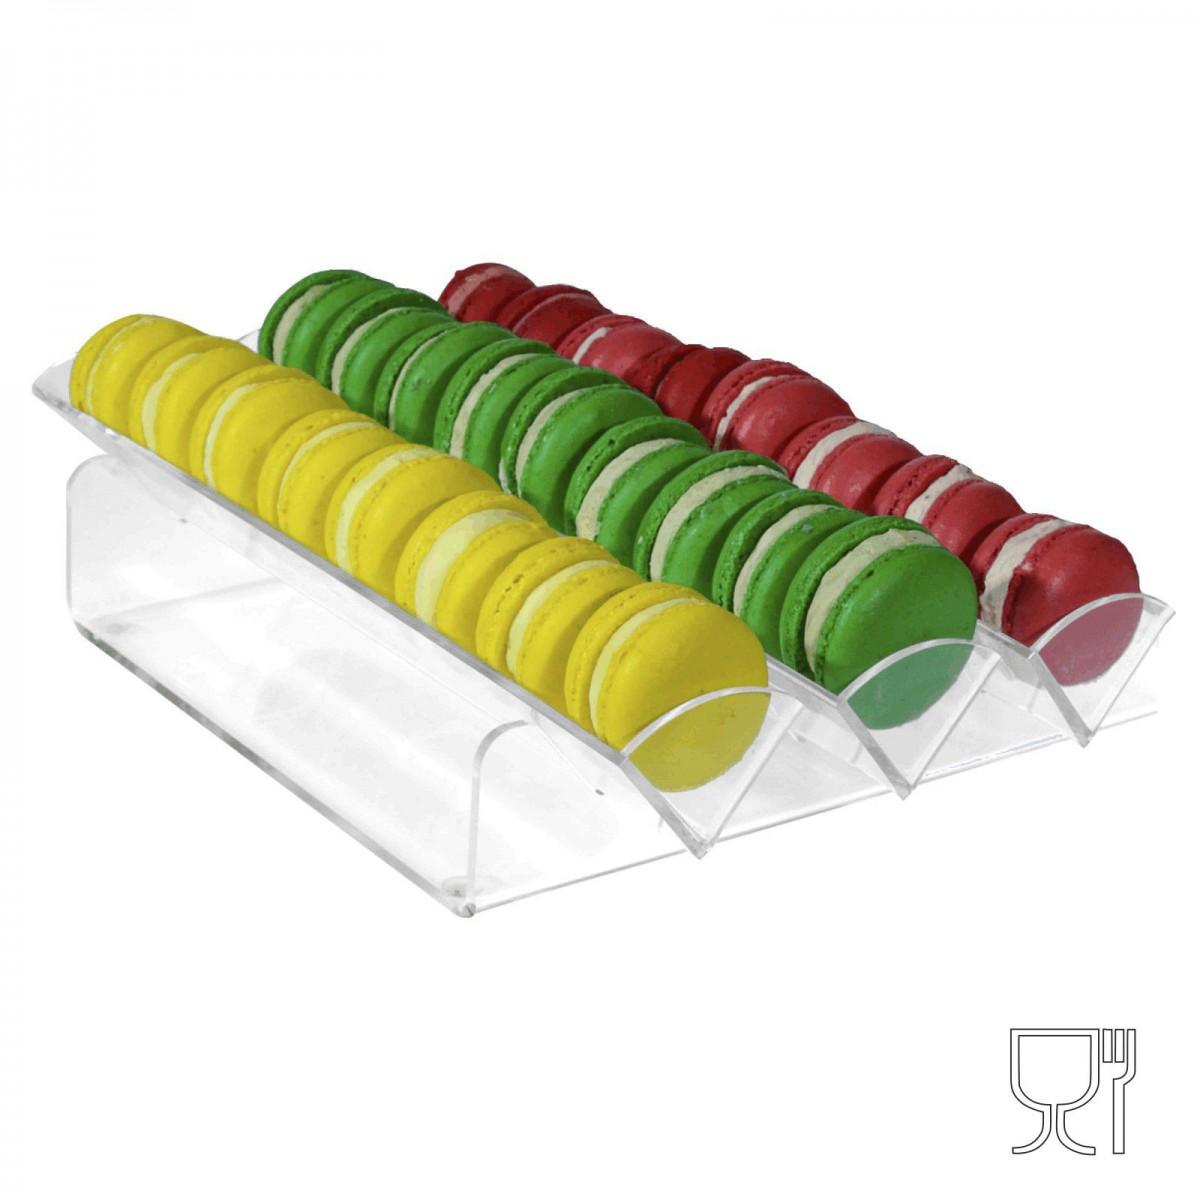 E-145 - Porta macaron in plexiglass trasparente con Ripiano Orizzontale